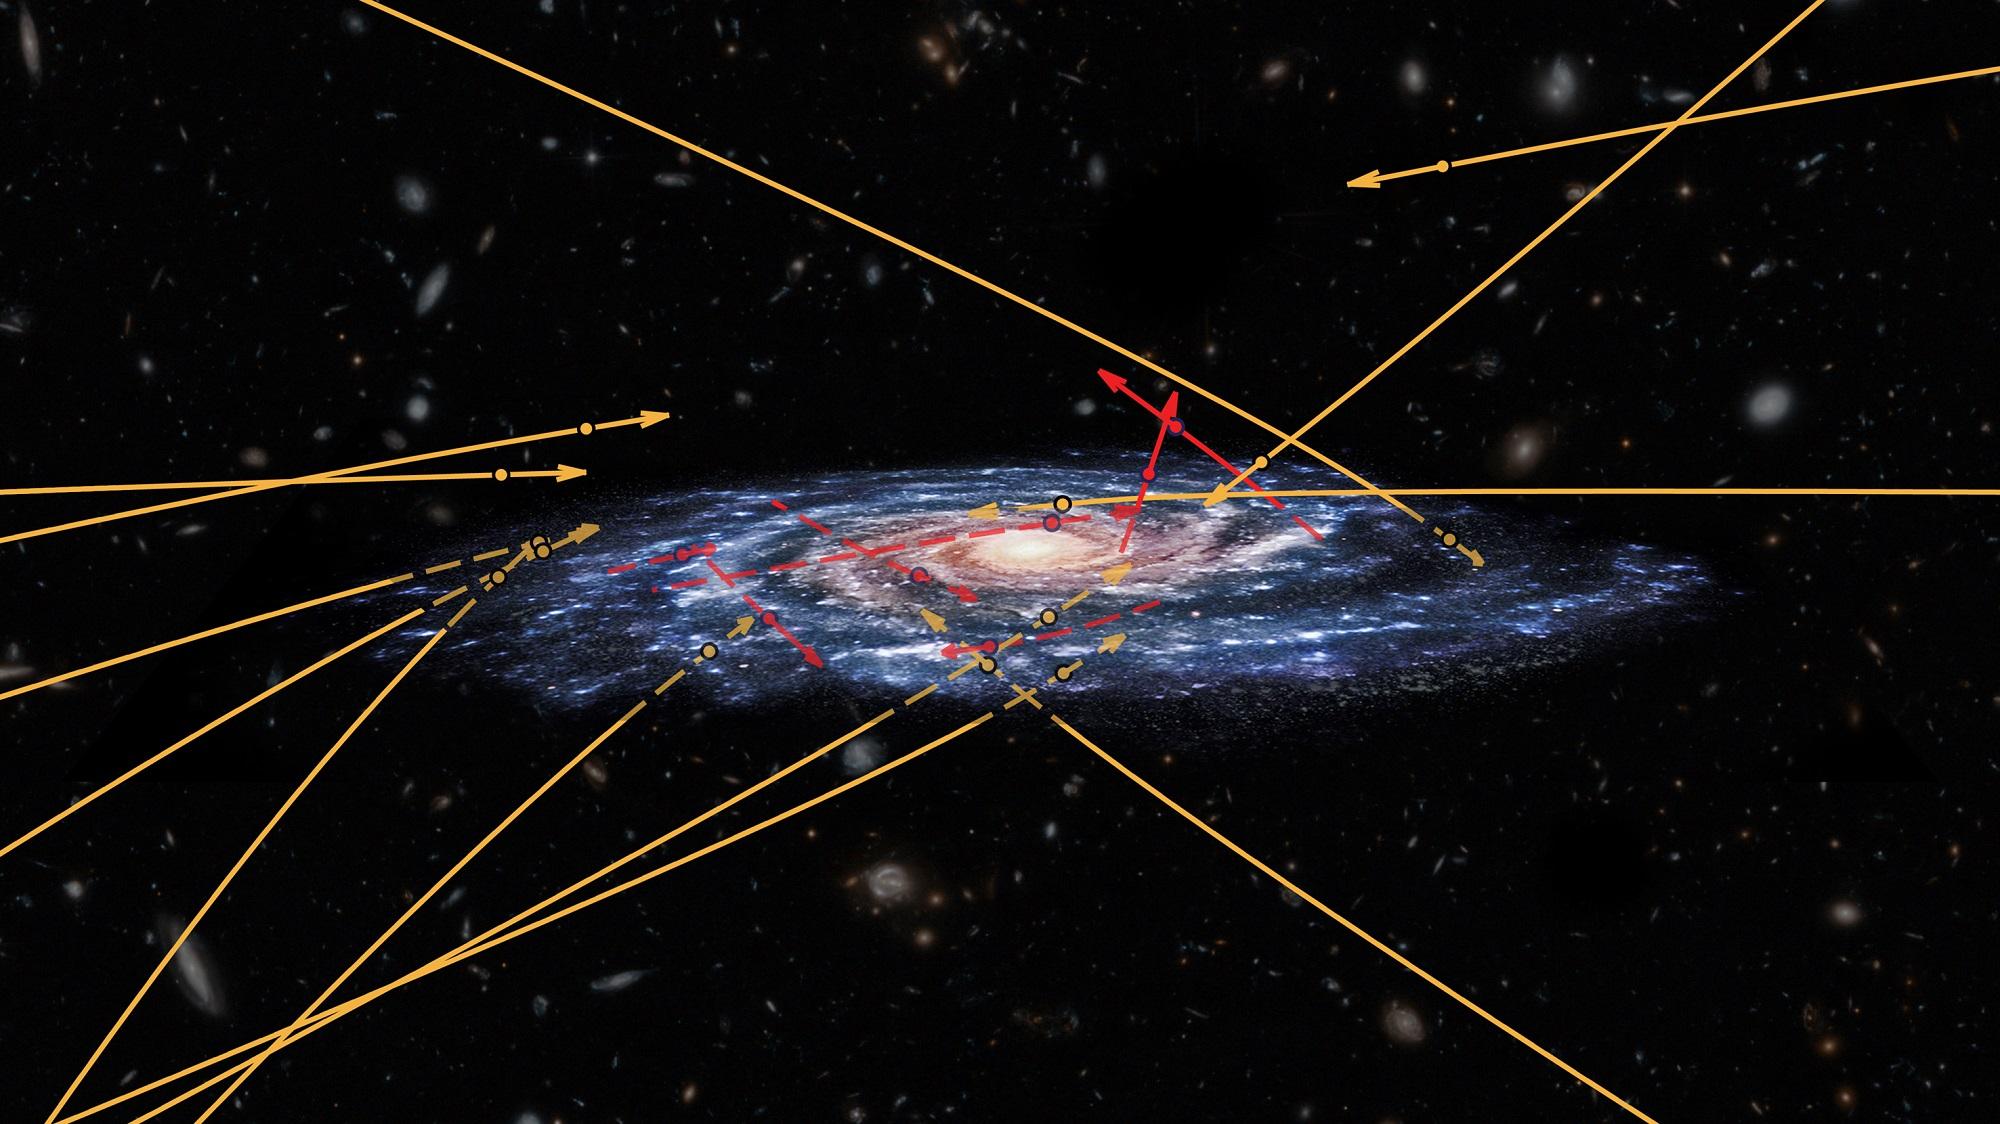 20 stjerner på vei inn (gule) og ut (røde) av Melkeveien sett av romteleskopet Gaia. Bilde: NASA/ESA/Hubble/Marchetti et al 2018